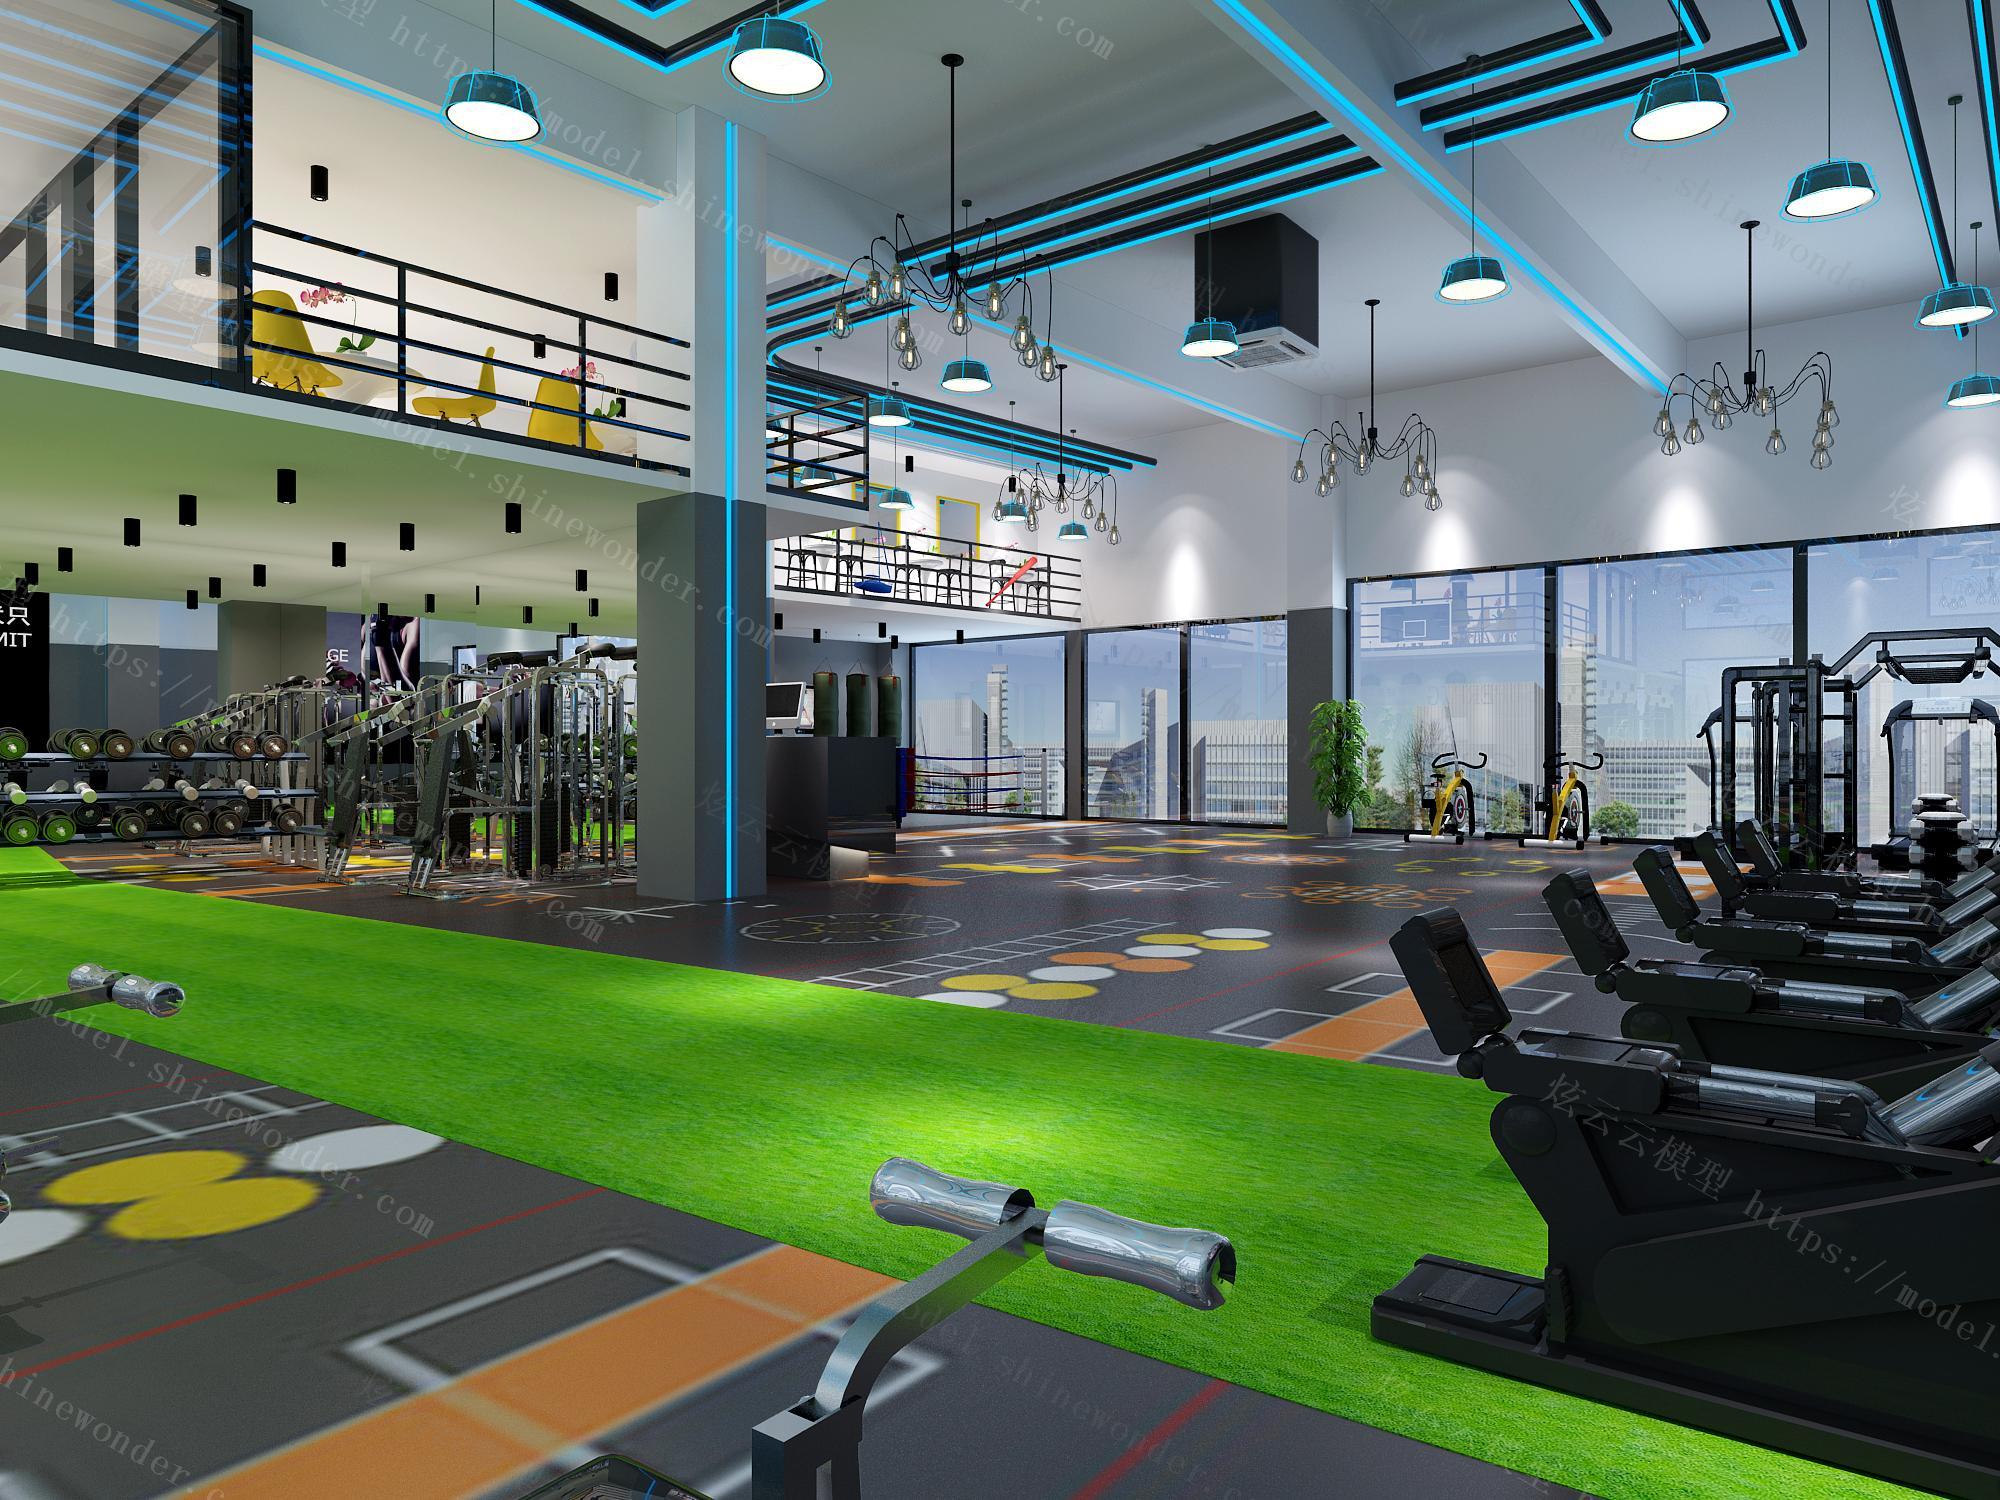 现代健身房模型